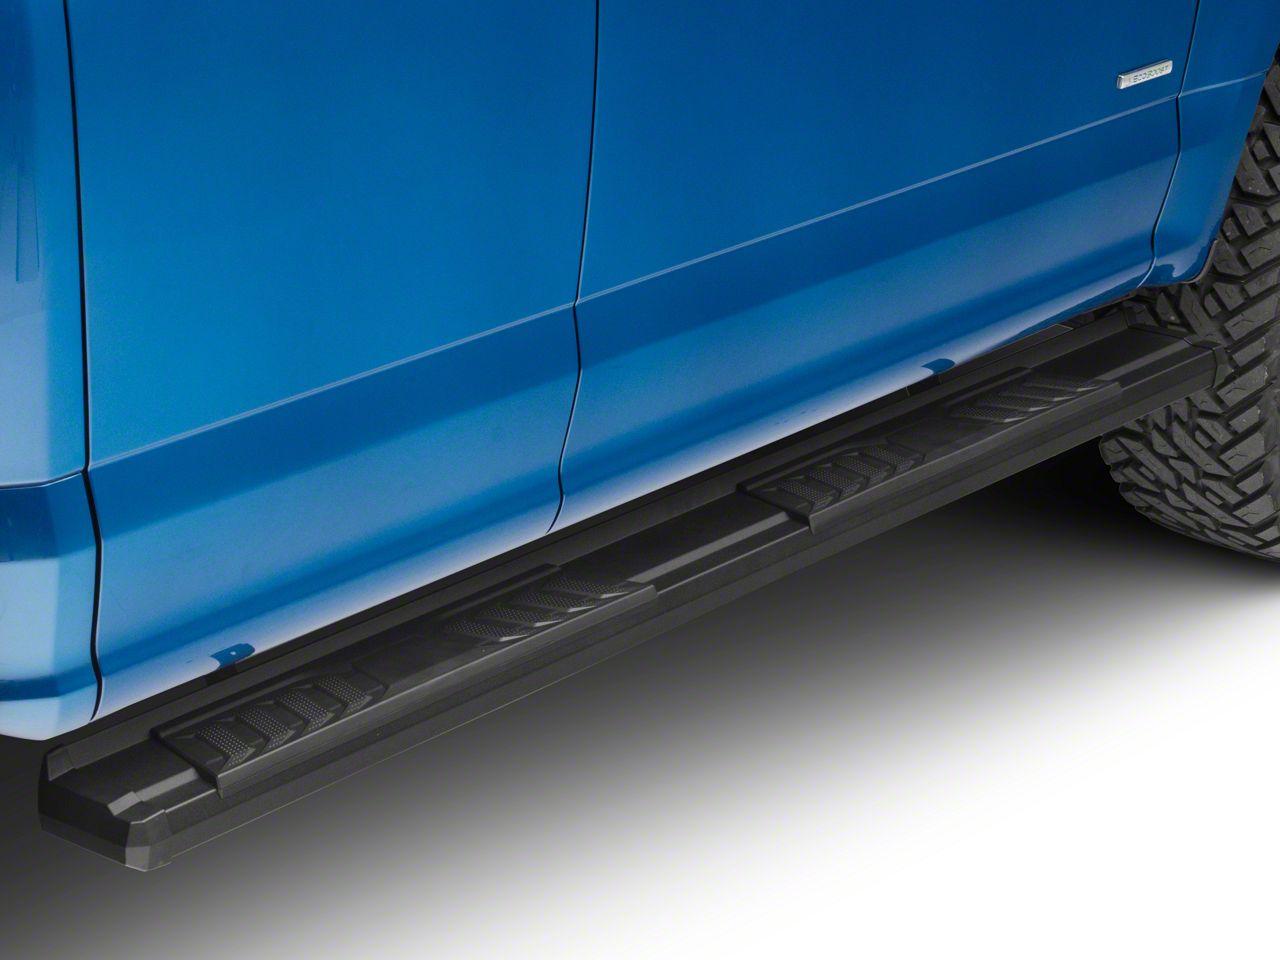 Duratrek S6 Running Boards - Black (15-19 F-150 SuperCab, SuperCrew)